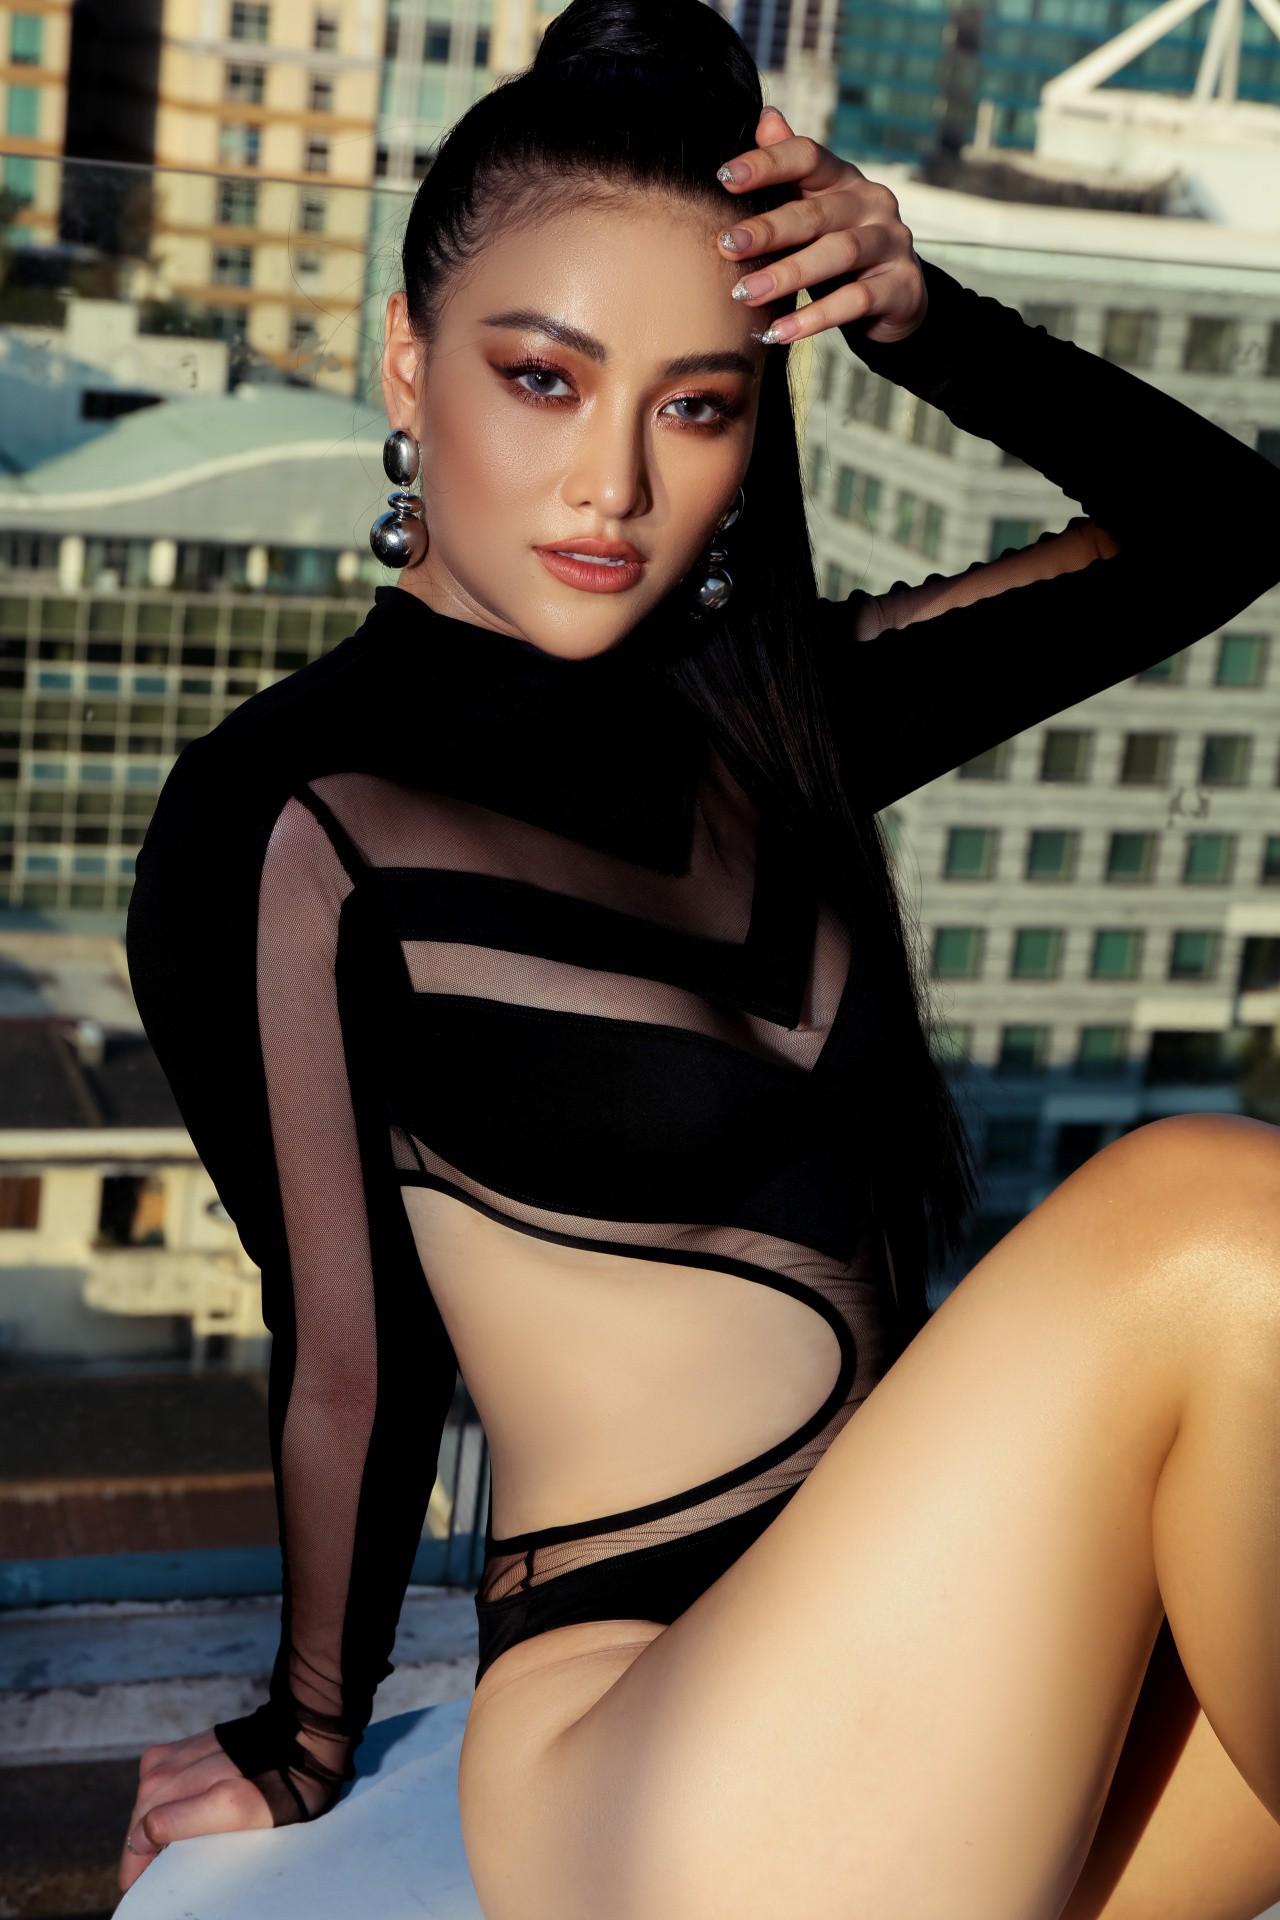 Hoa hậu Phương Khánh mặc bikini khoe body nóng bỏng, chân dài thẳng tắp trên nóc toà nhà cao tầng - Ảnh 13.